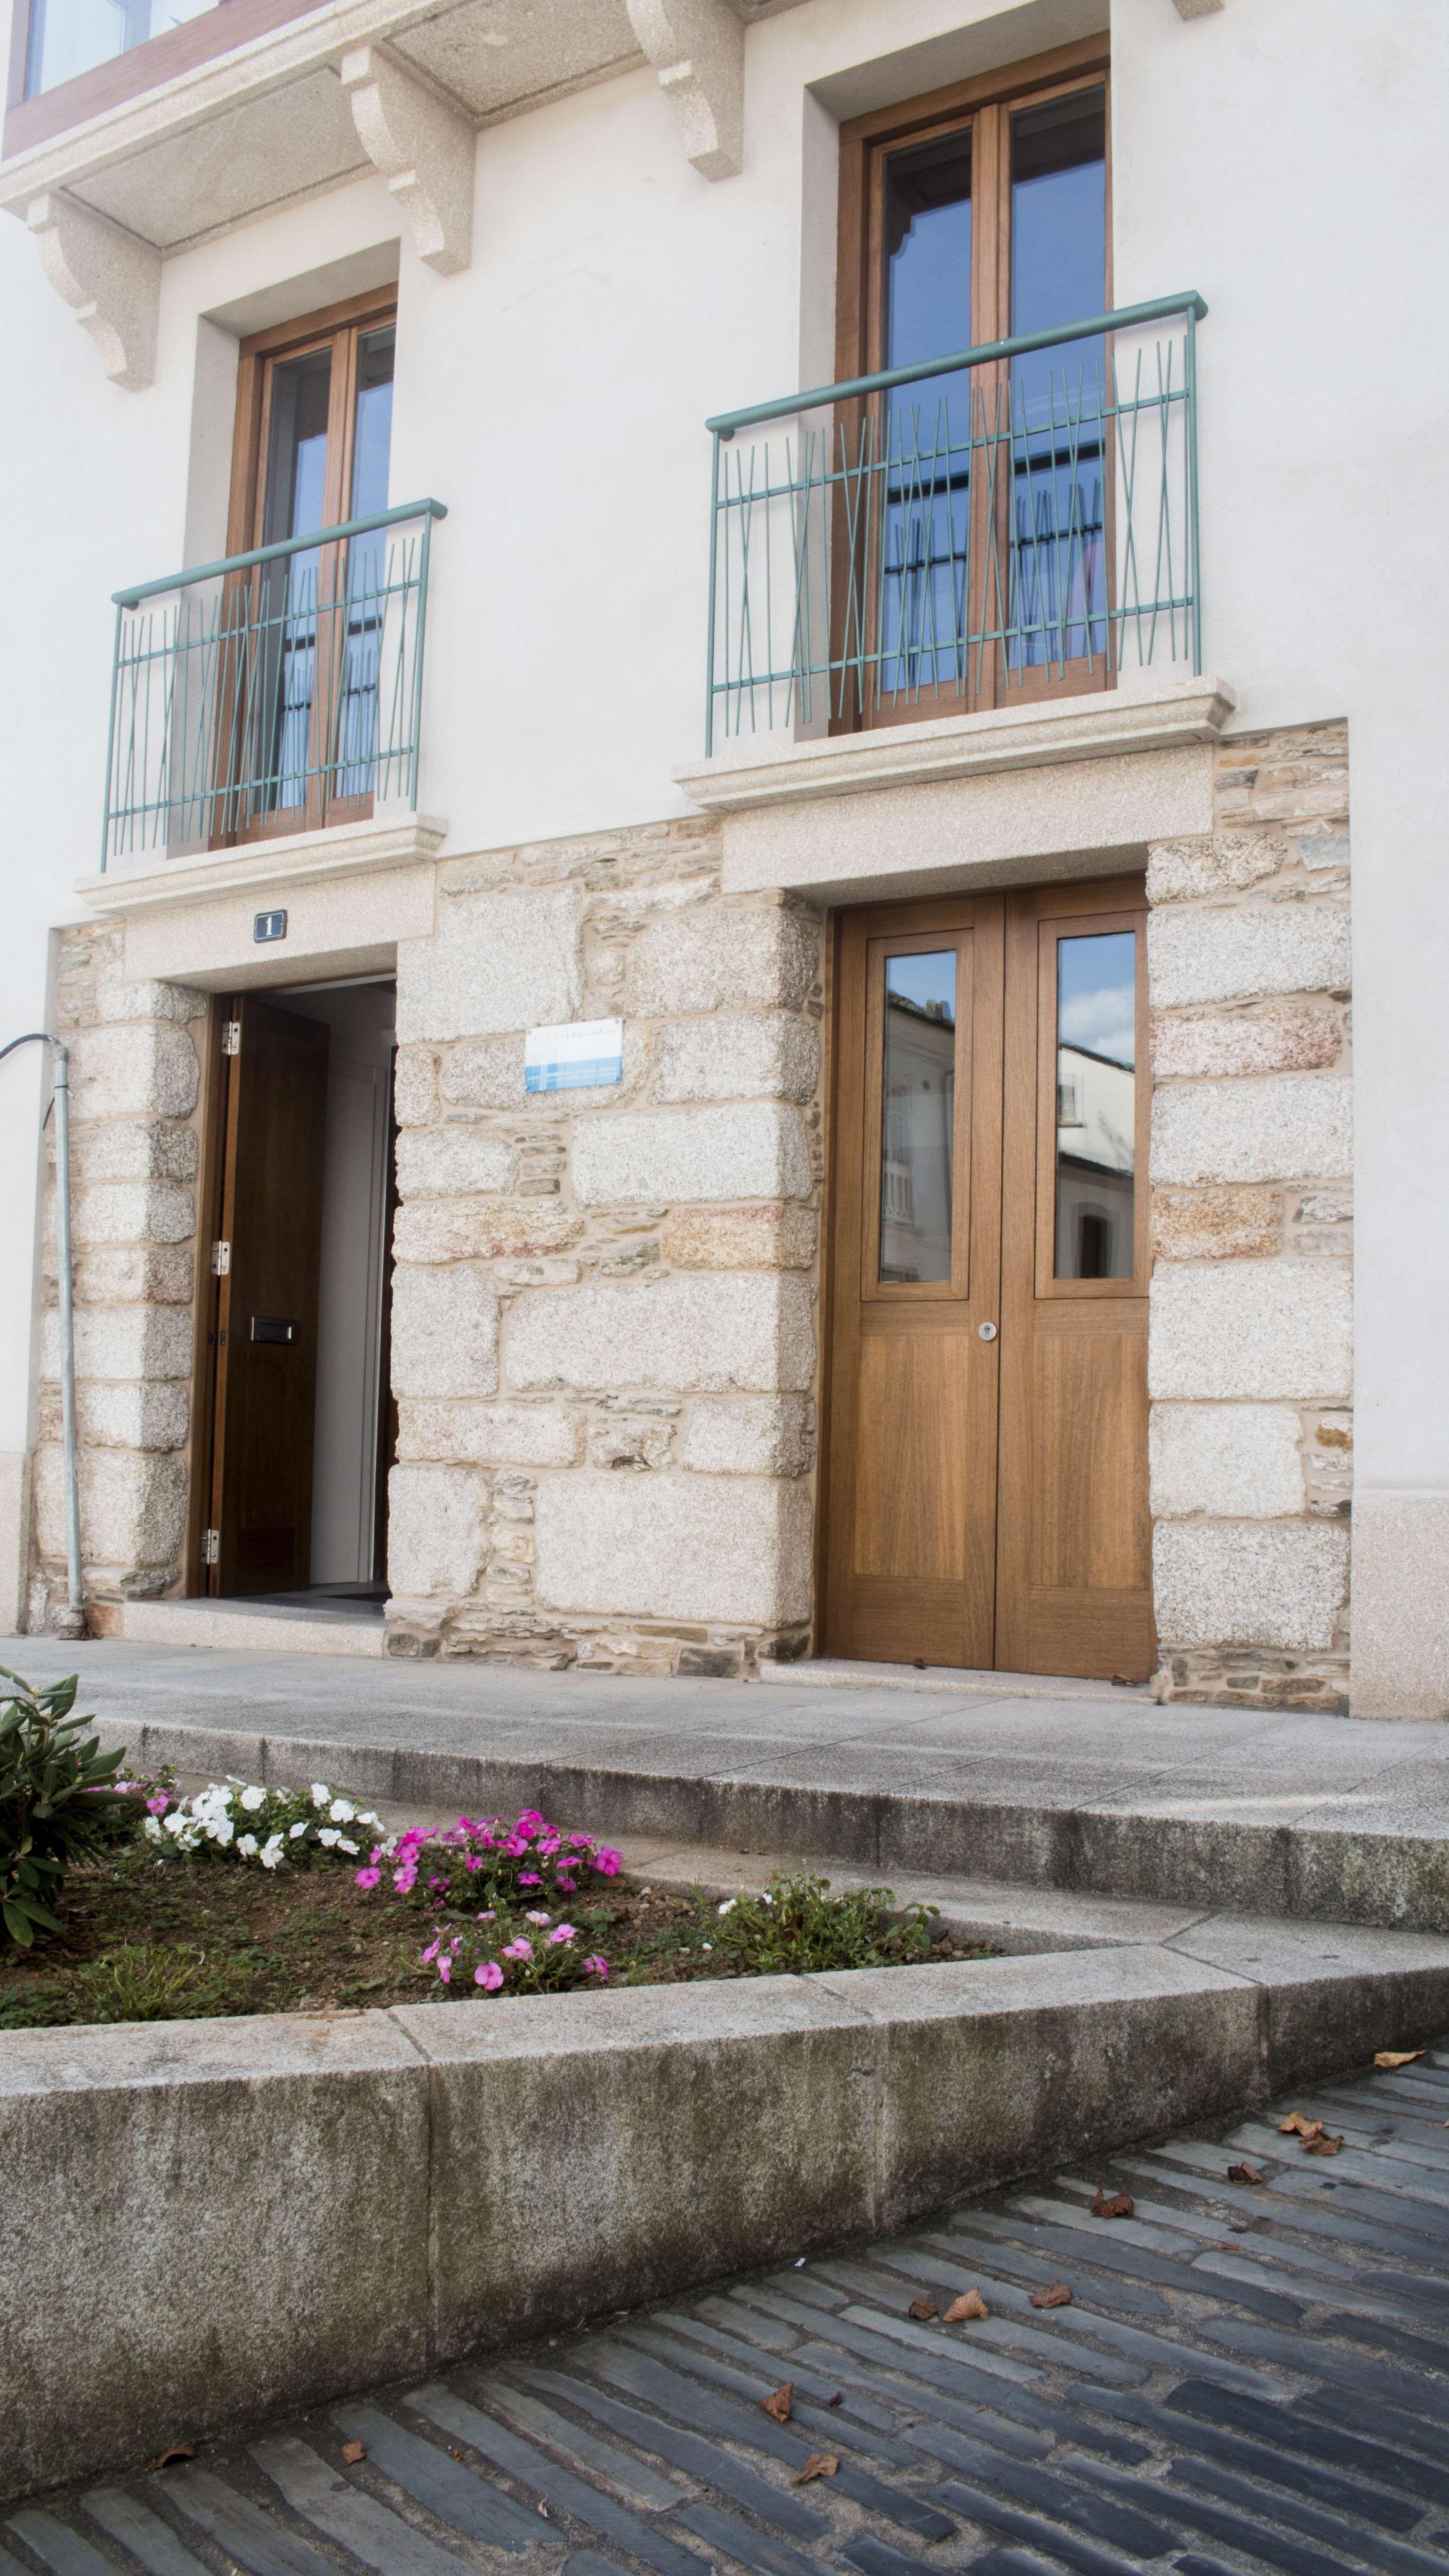 Proyectos arquitectónicos en Mondoñedo